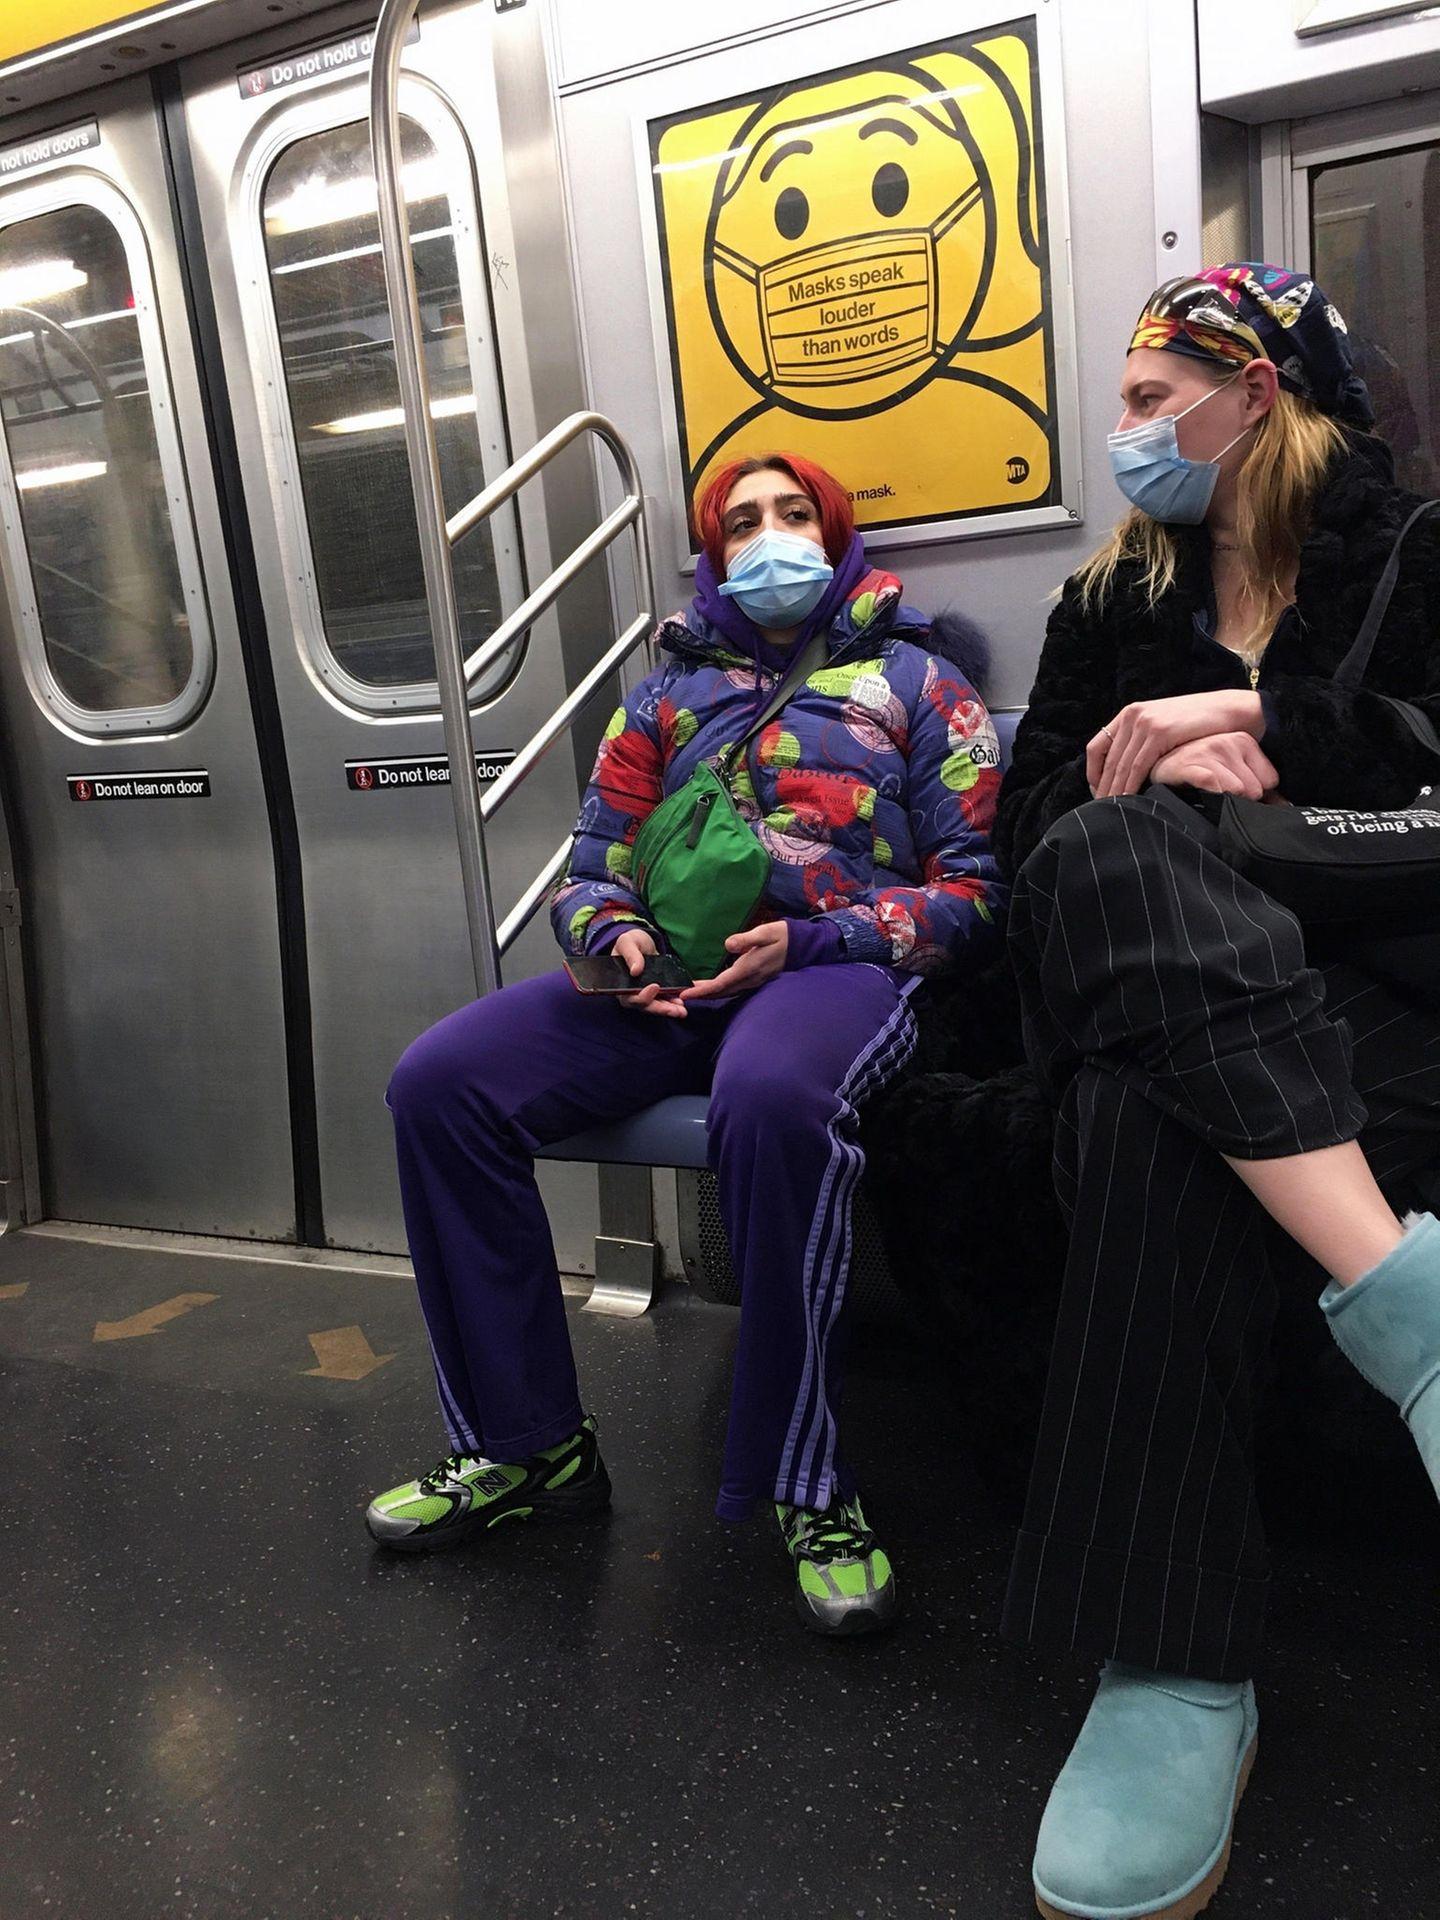 Lässig Bahn fahren kann Madonnas Tochter Lourdesziemlich gut. Auffällig farbenfroh gestylt kann sie es sich in der derzeit nicht ständig überfüllten New York U-Bahn richtig bequem machen. Und mit der Maske erkennen sie ohnehin nur die ganz aufmerksamen Paparazzi.